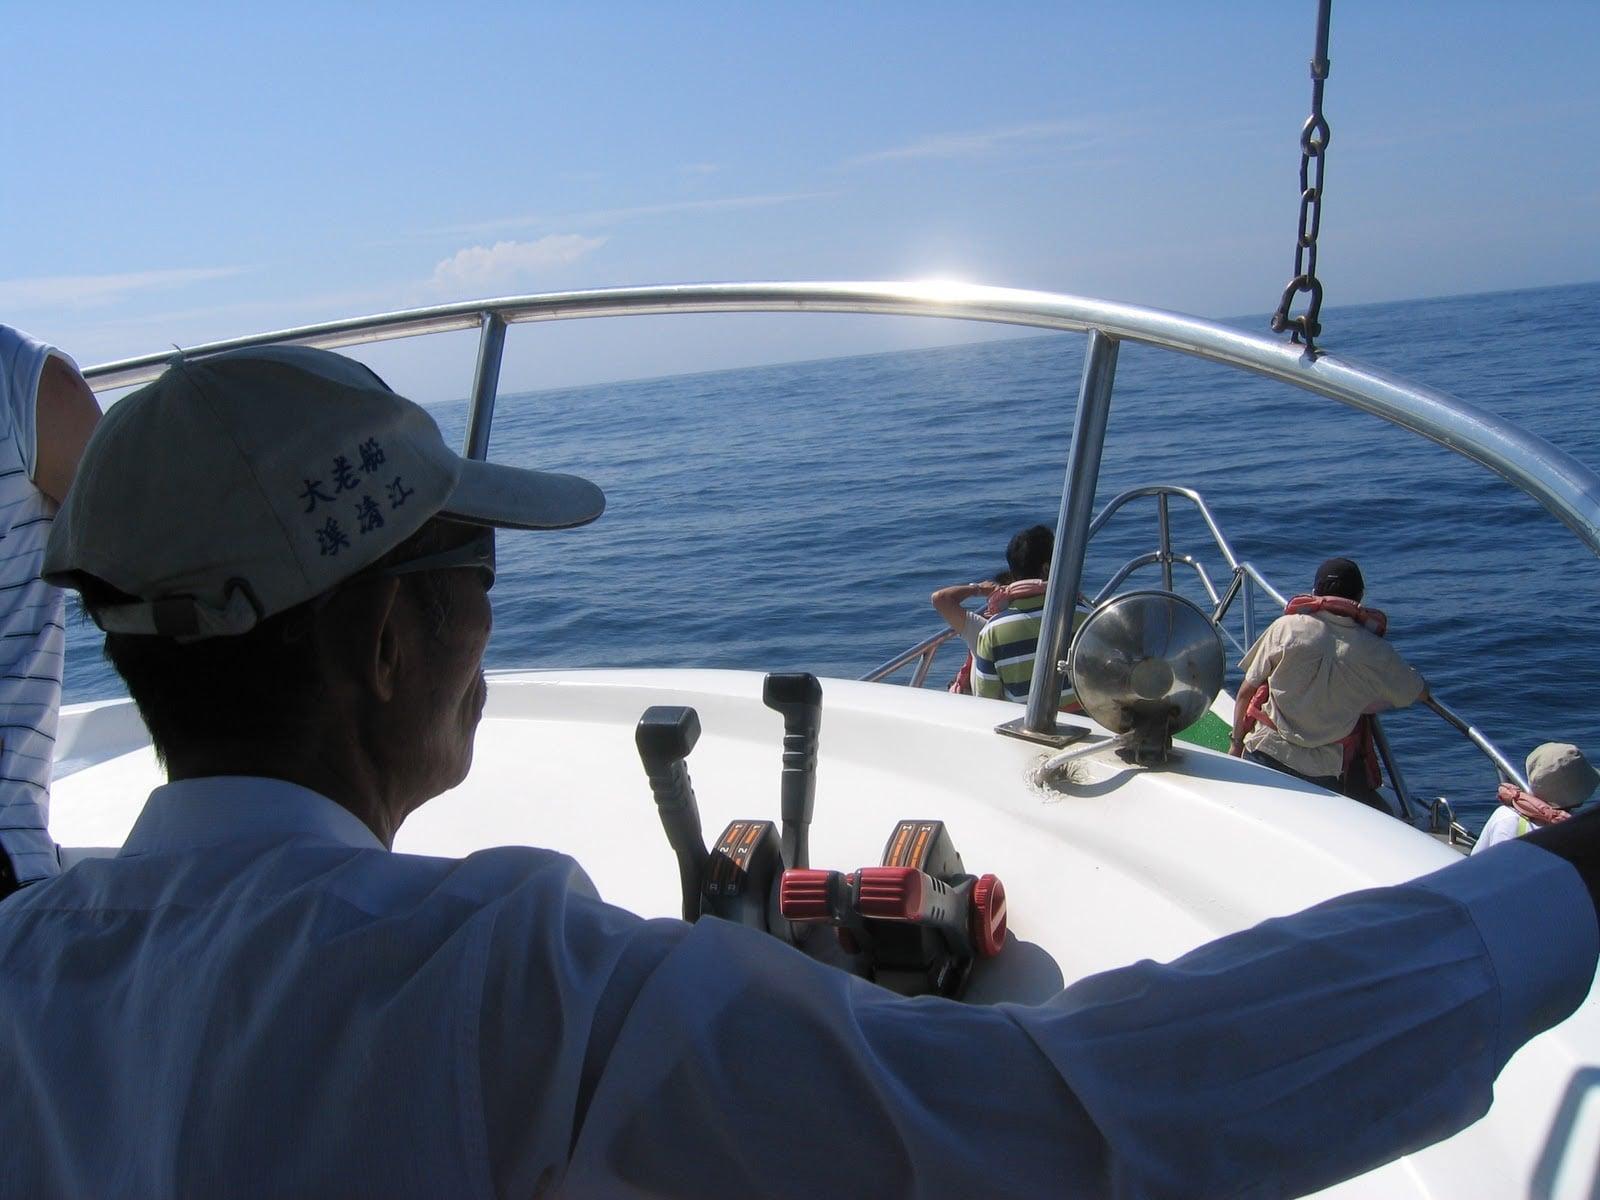 花東三日 4 人吃吃喝喝微旅行|花蓮、台東民宿住宿、藍白公路、海洋賞鯨 2005 Hualien Taitung travel Taiwan Whale Boat Captain